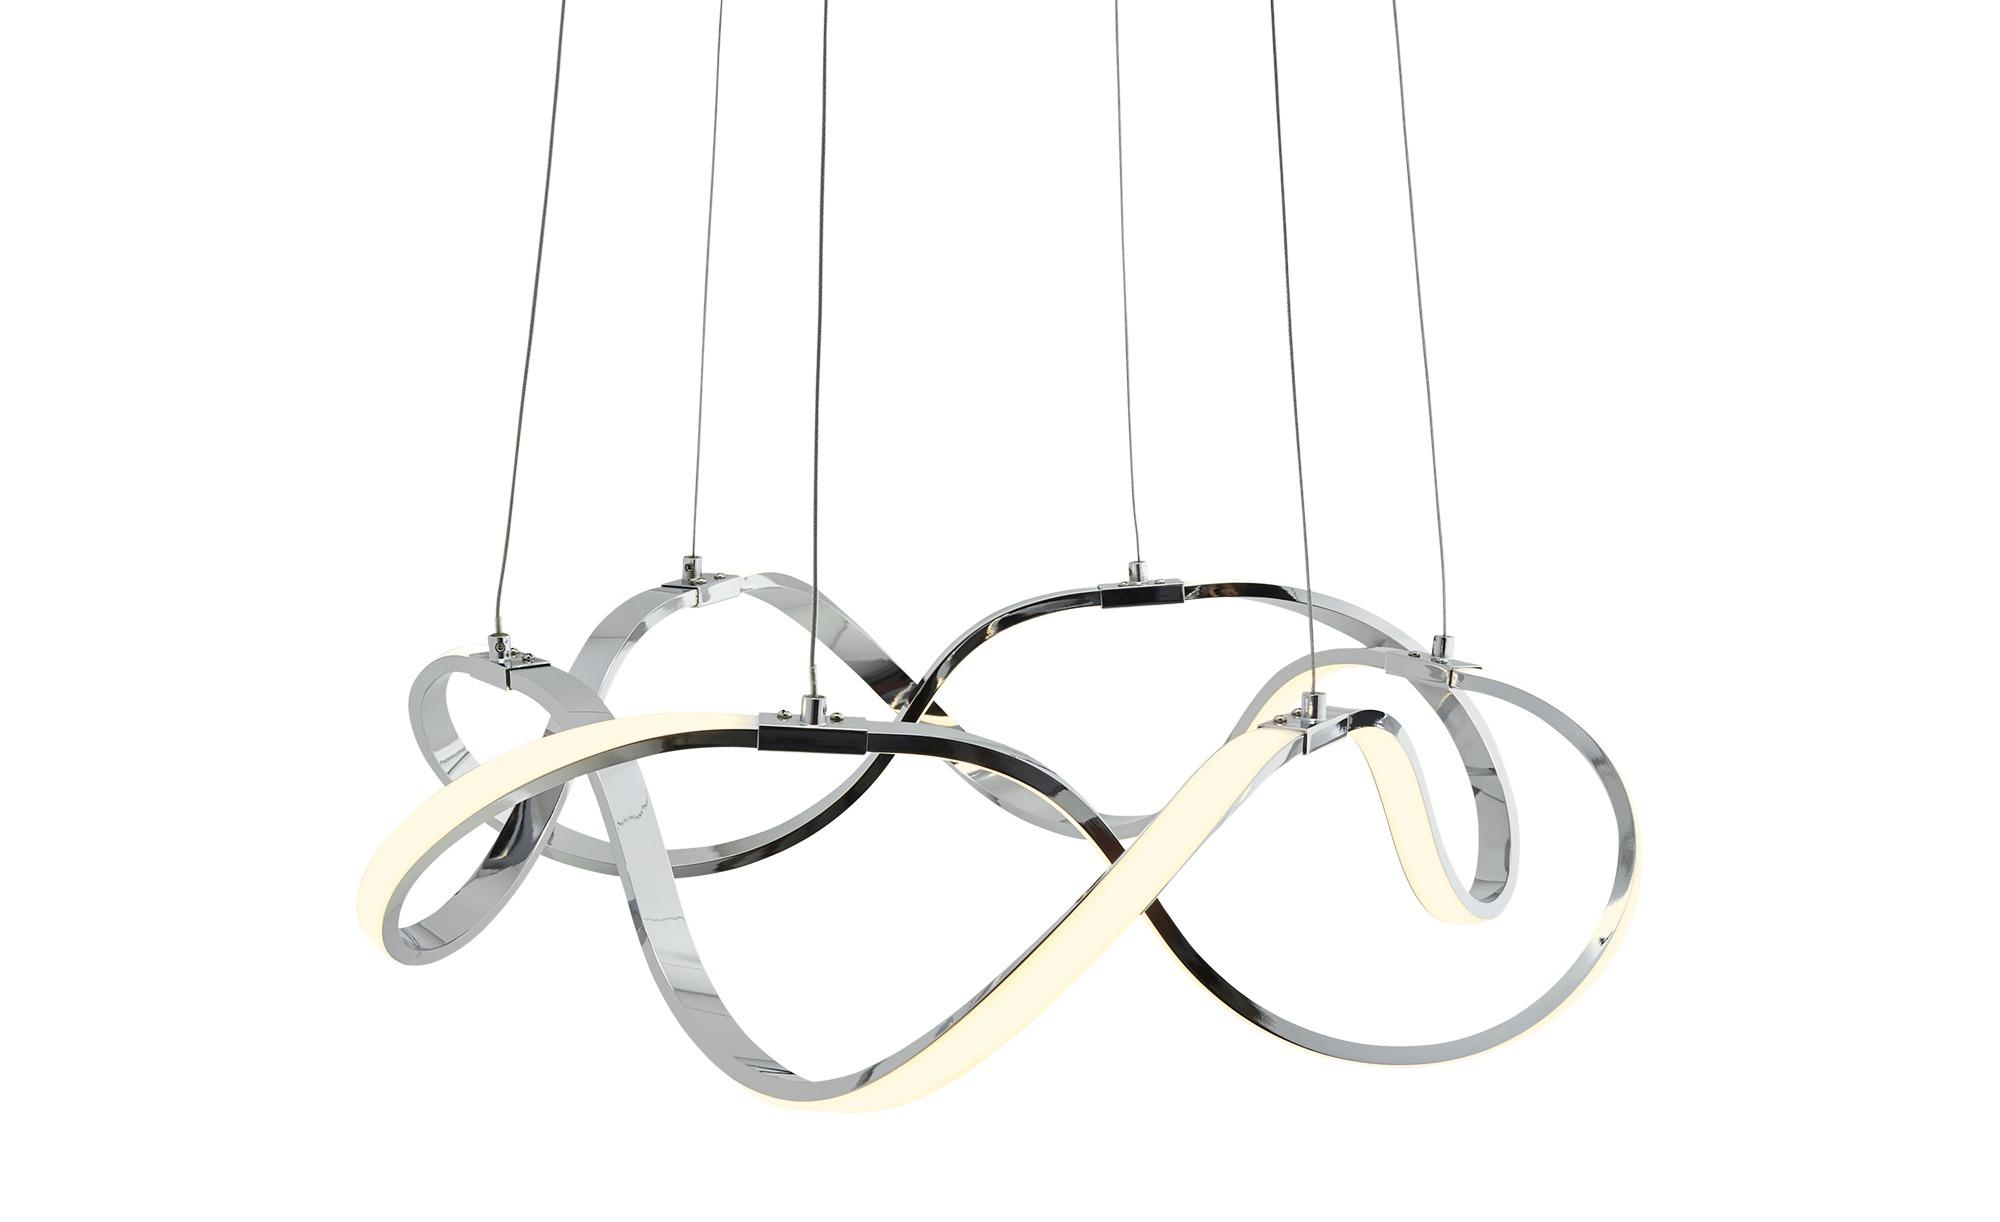 KHG Pendelleuchte, geschwungen ¦ silber ¦ Maße (cm): H: 120 Ø: [55.0] Lampen & Leuchten > LED-Leuchten > LED-Pendelleuchten - Höffner